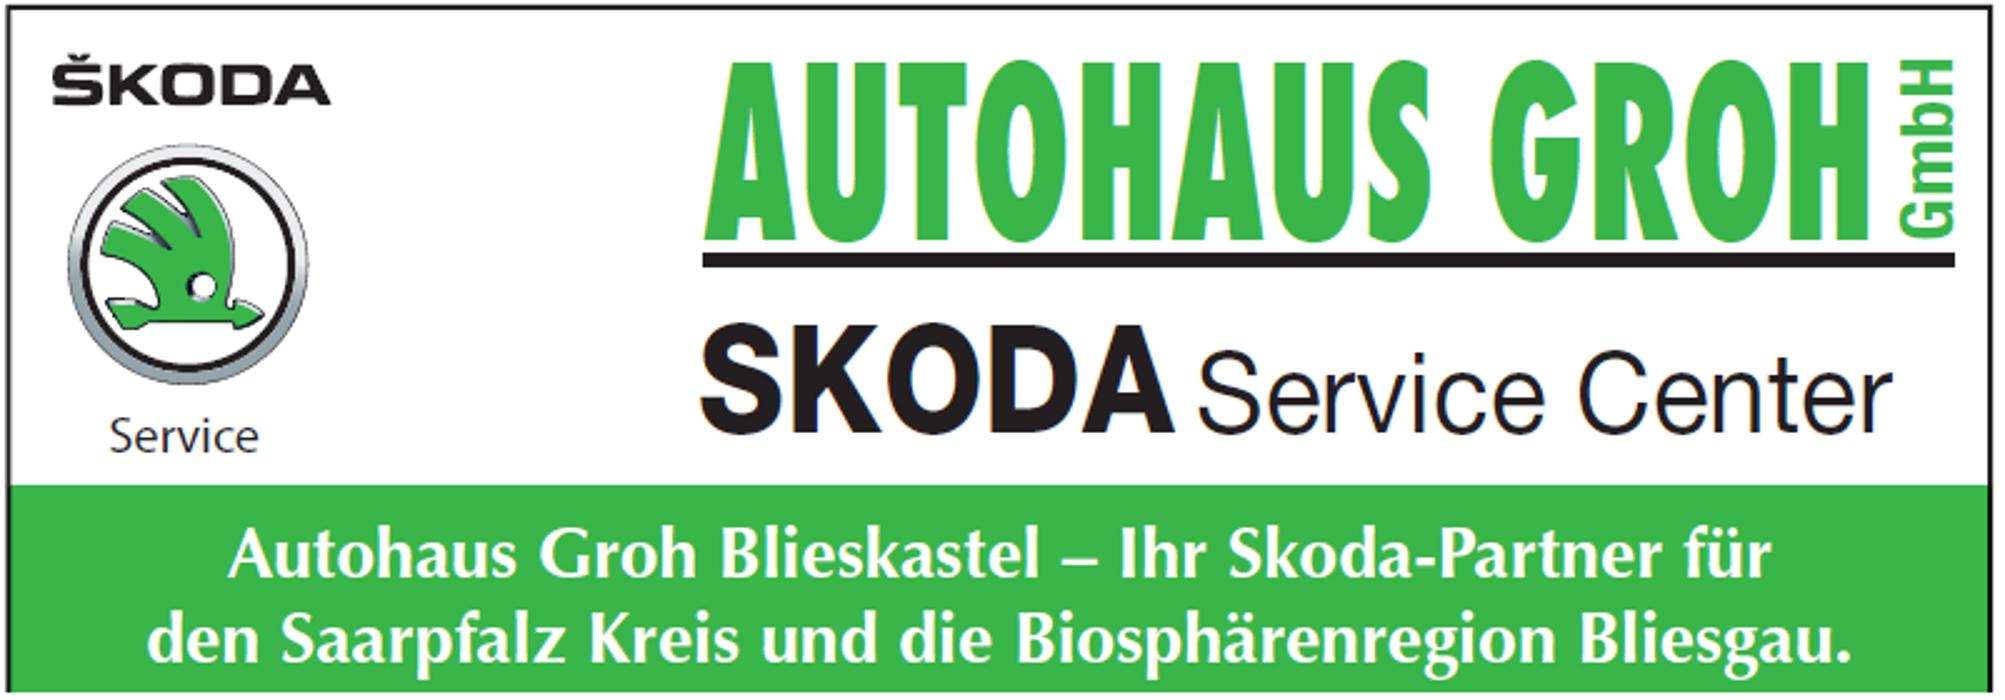 Bild zu Autohaus Groh GmbH in Blieskastel